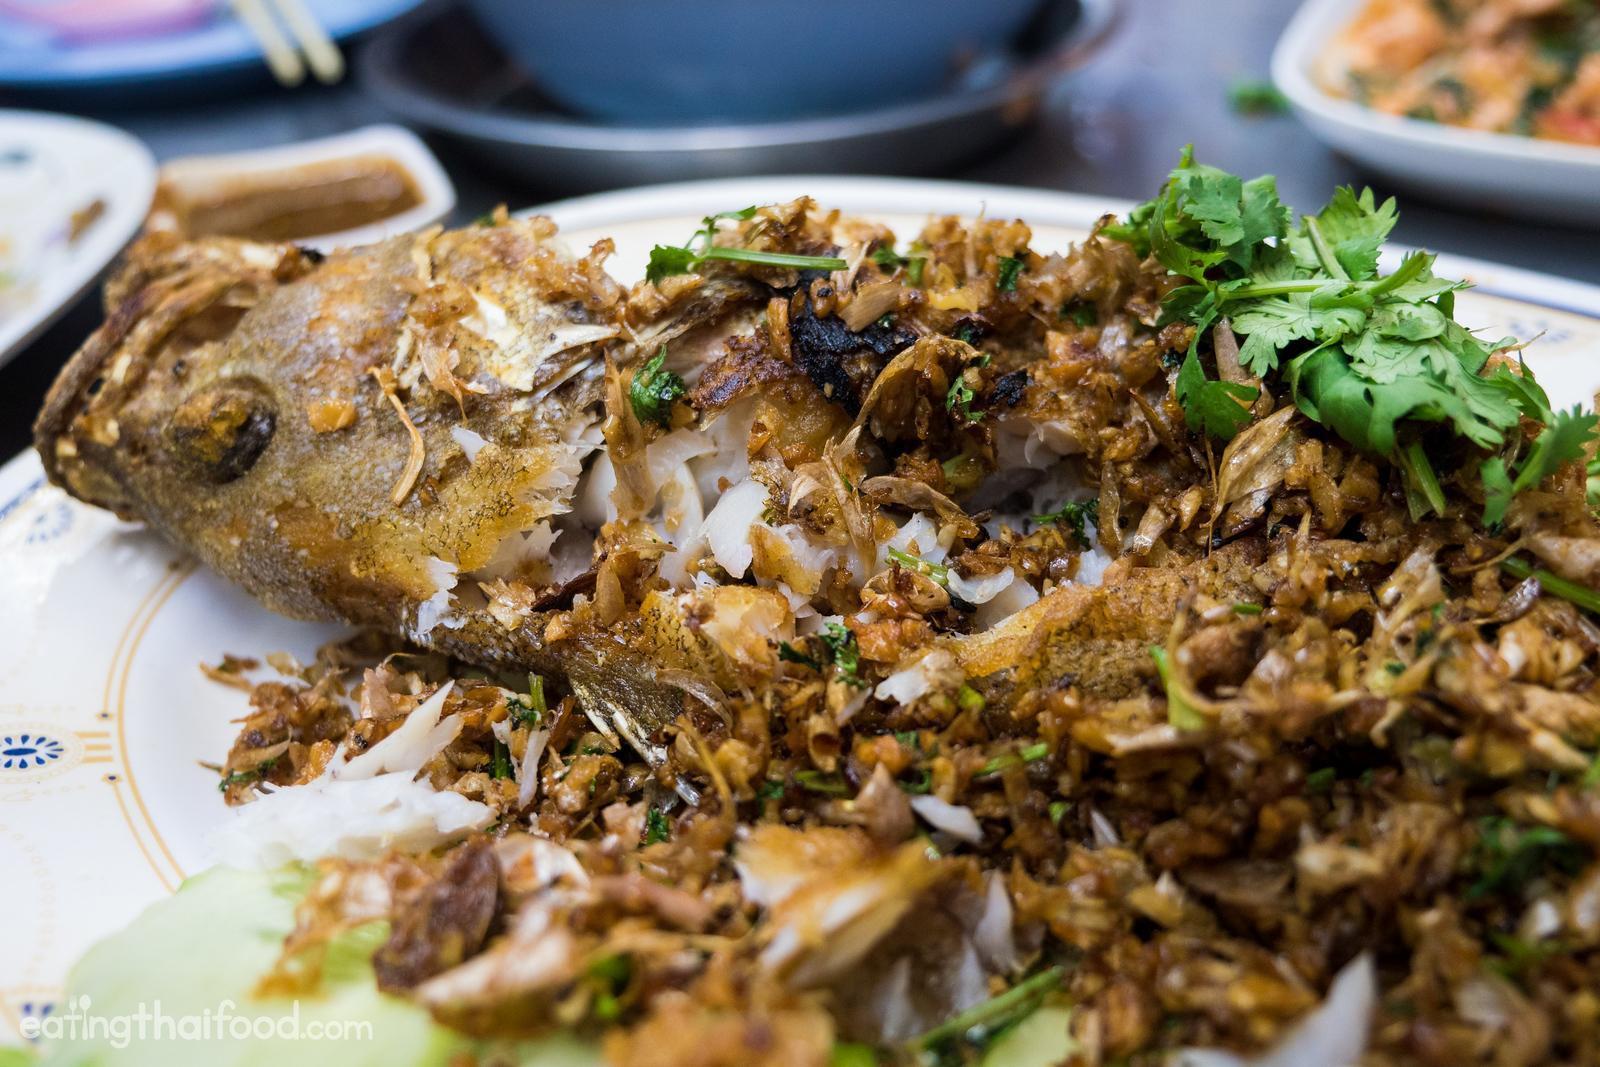 Thai fried fish